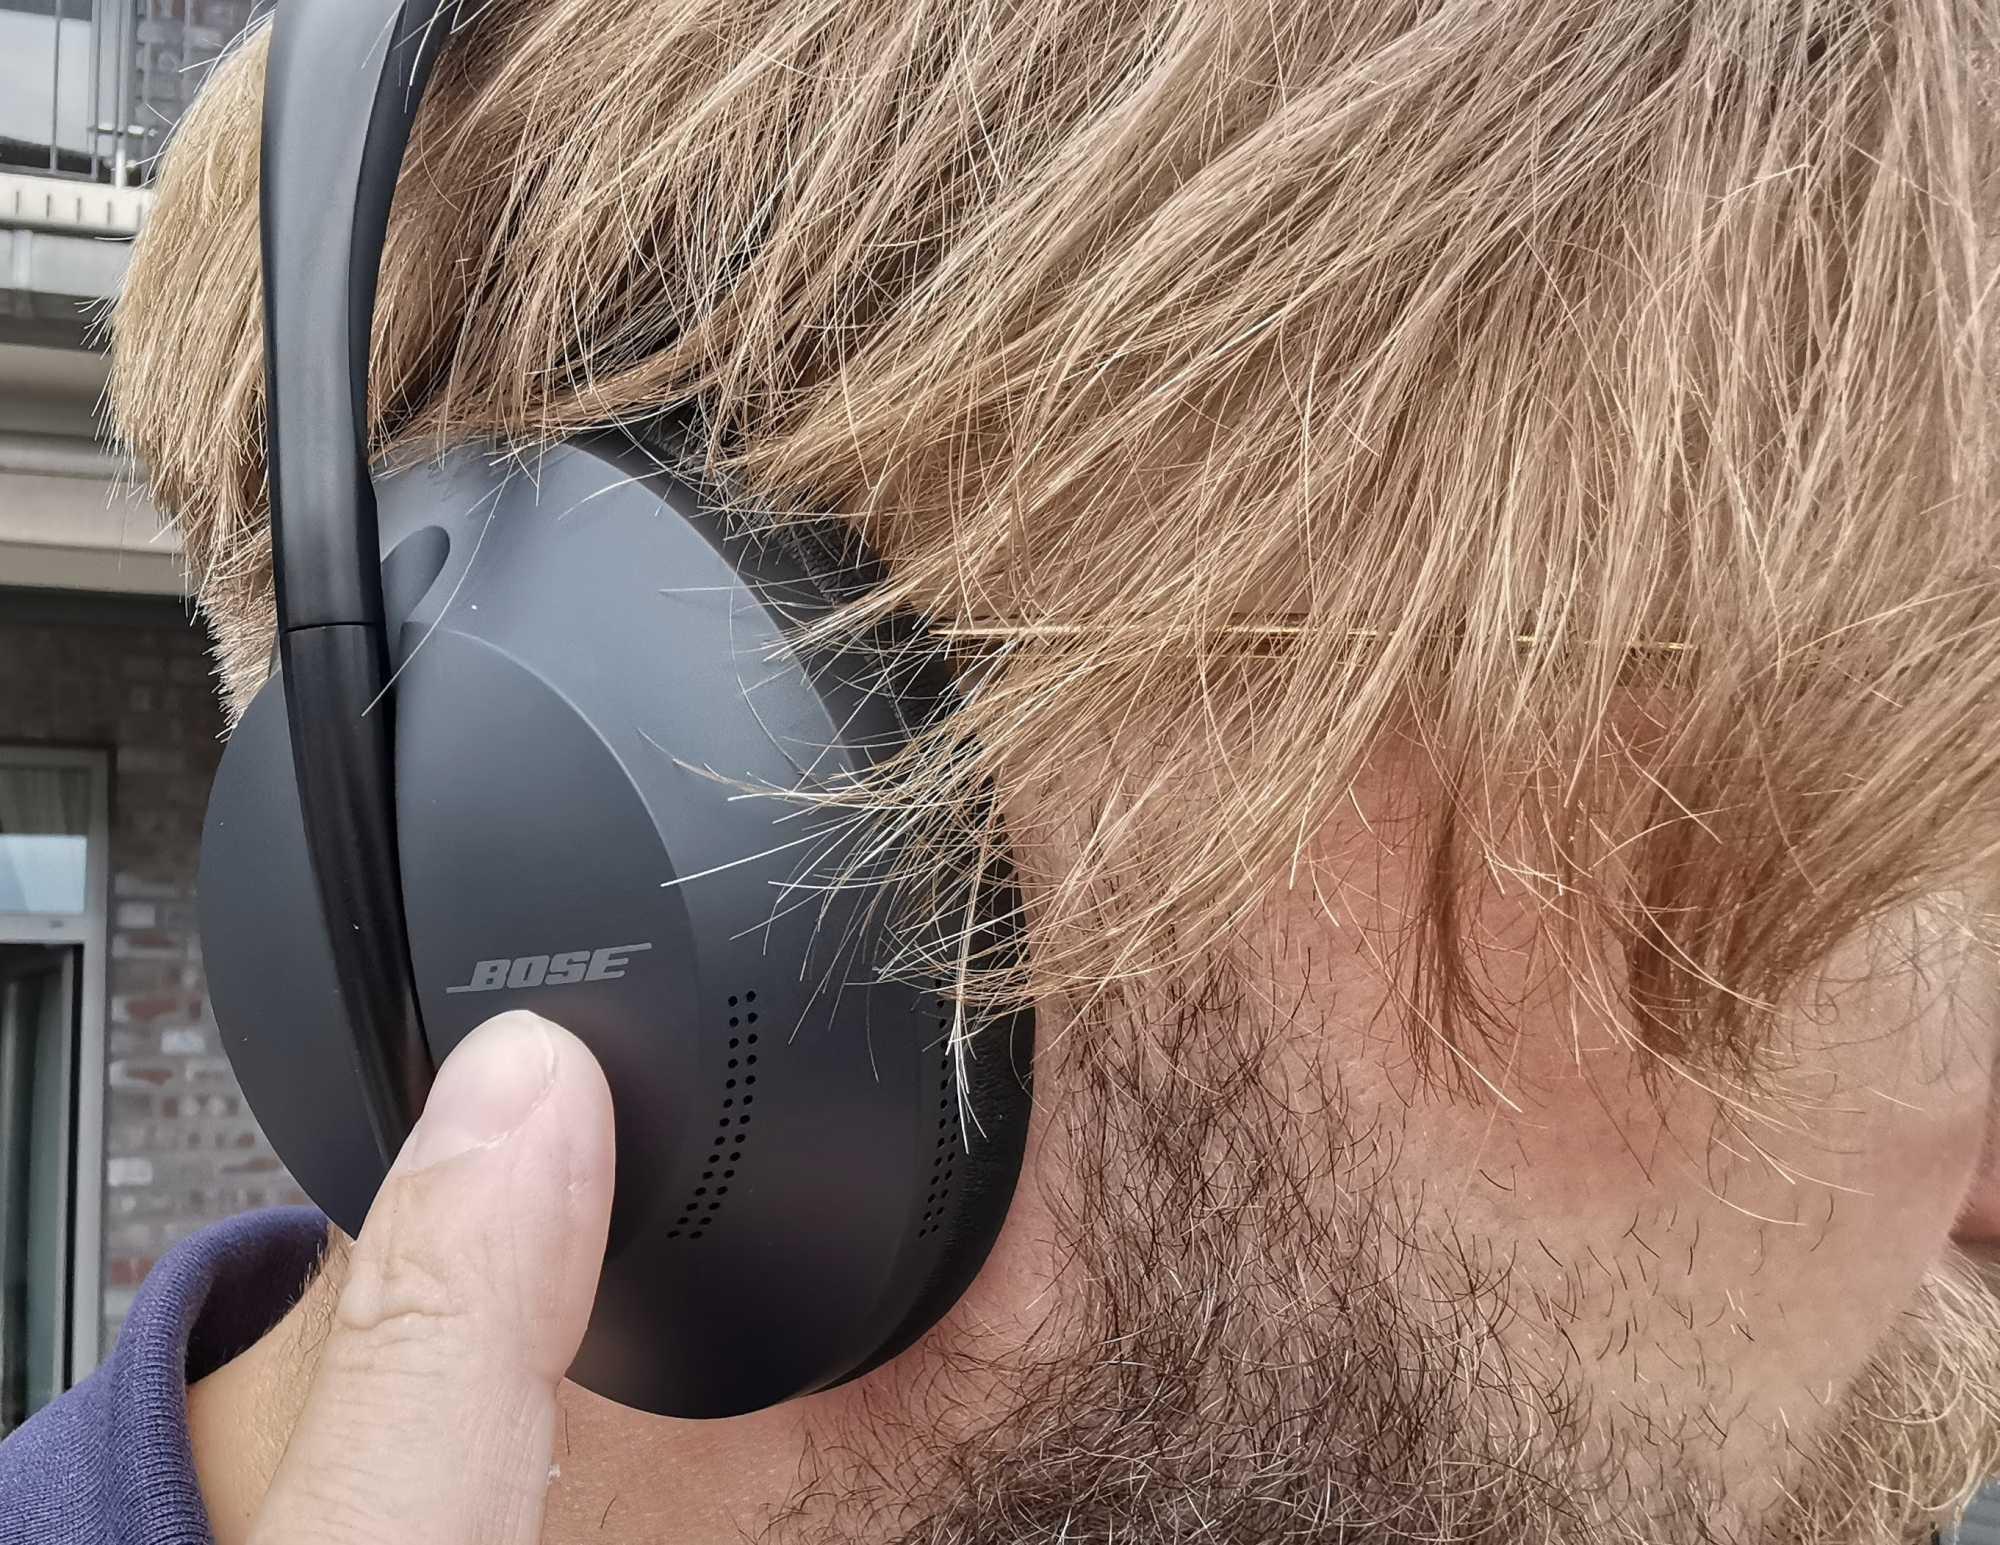 Mit acht Mikrofonen gegen Lärm: Bose Noise Cancelling Headphones 700 ausprobiert